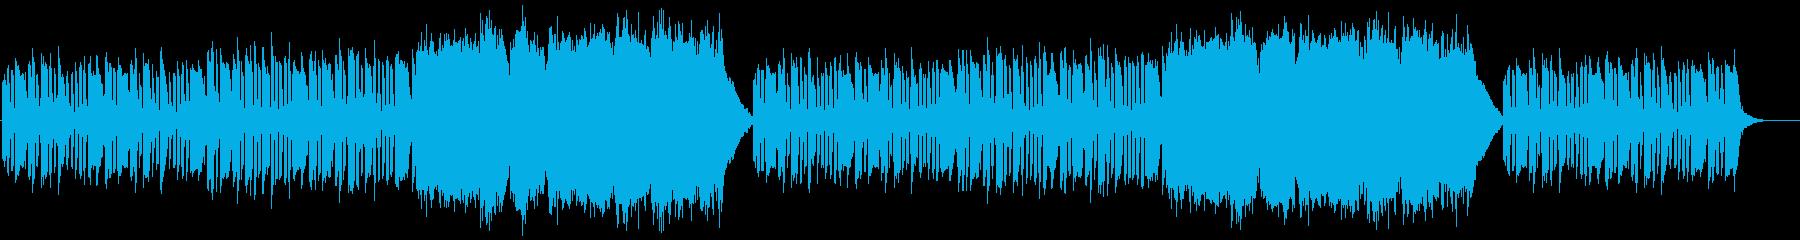 森イメージの落ち着いた木管&ストリング曲の再生済みの波形